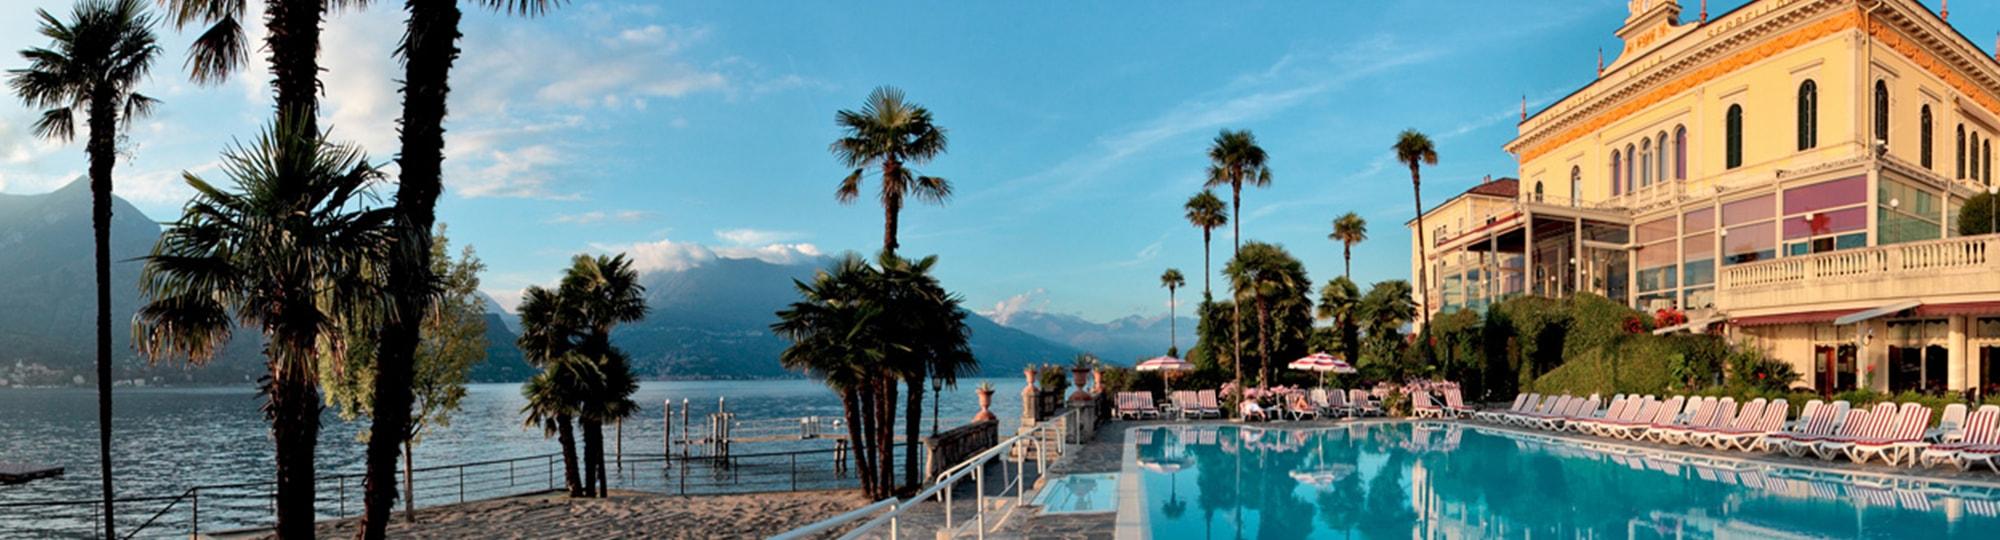 Grand hotel villa serbelloni 5 hotel 5 toiles bellagio - Lac de come hotel ...